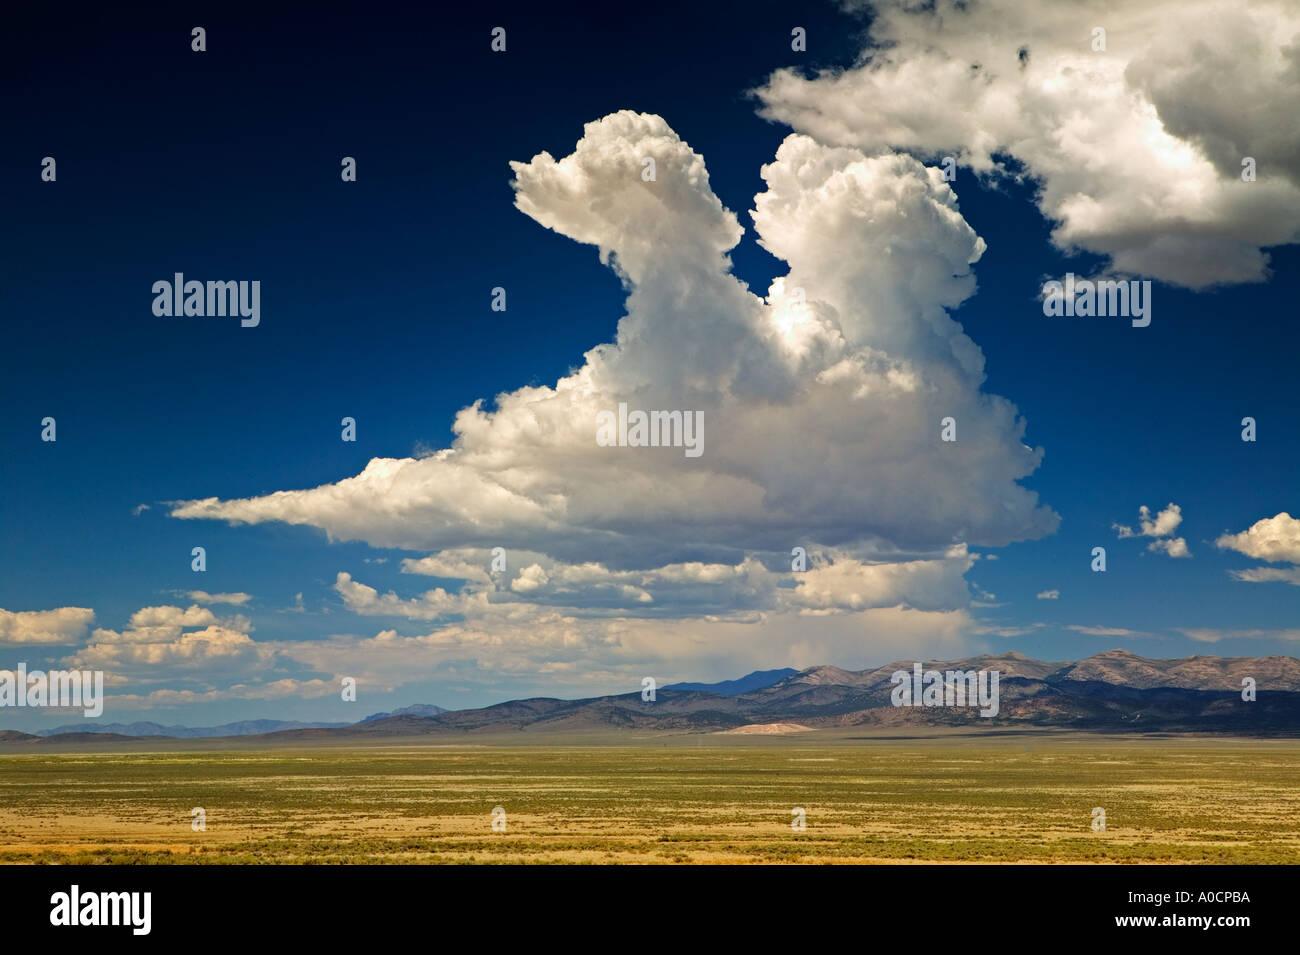 Anfang Gewitterwolken in der Nähe von Elko, Nevada Stockbild